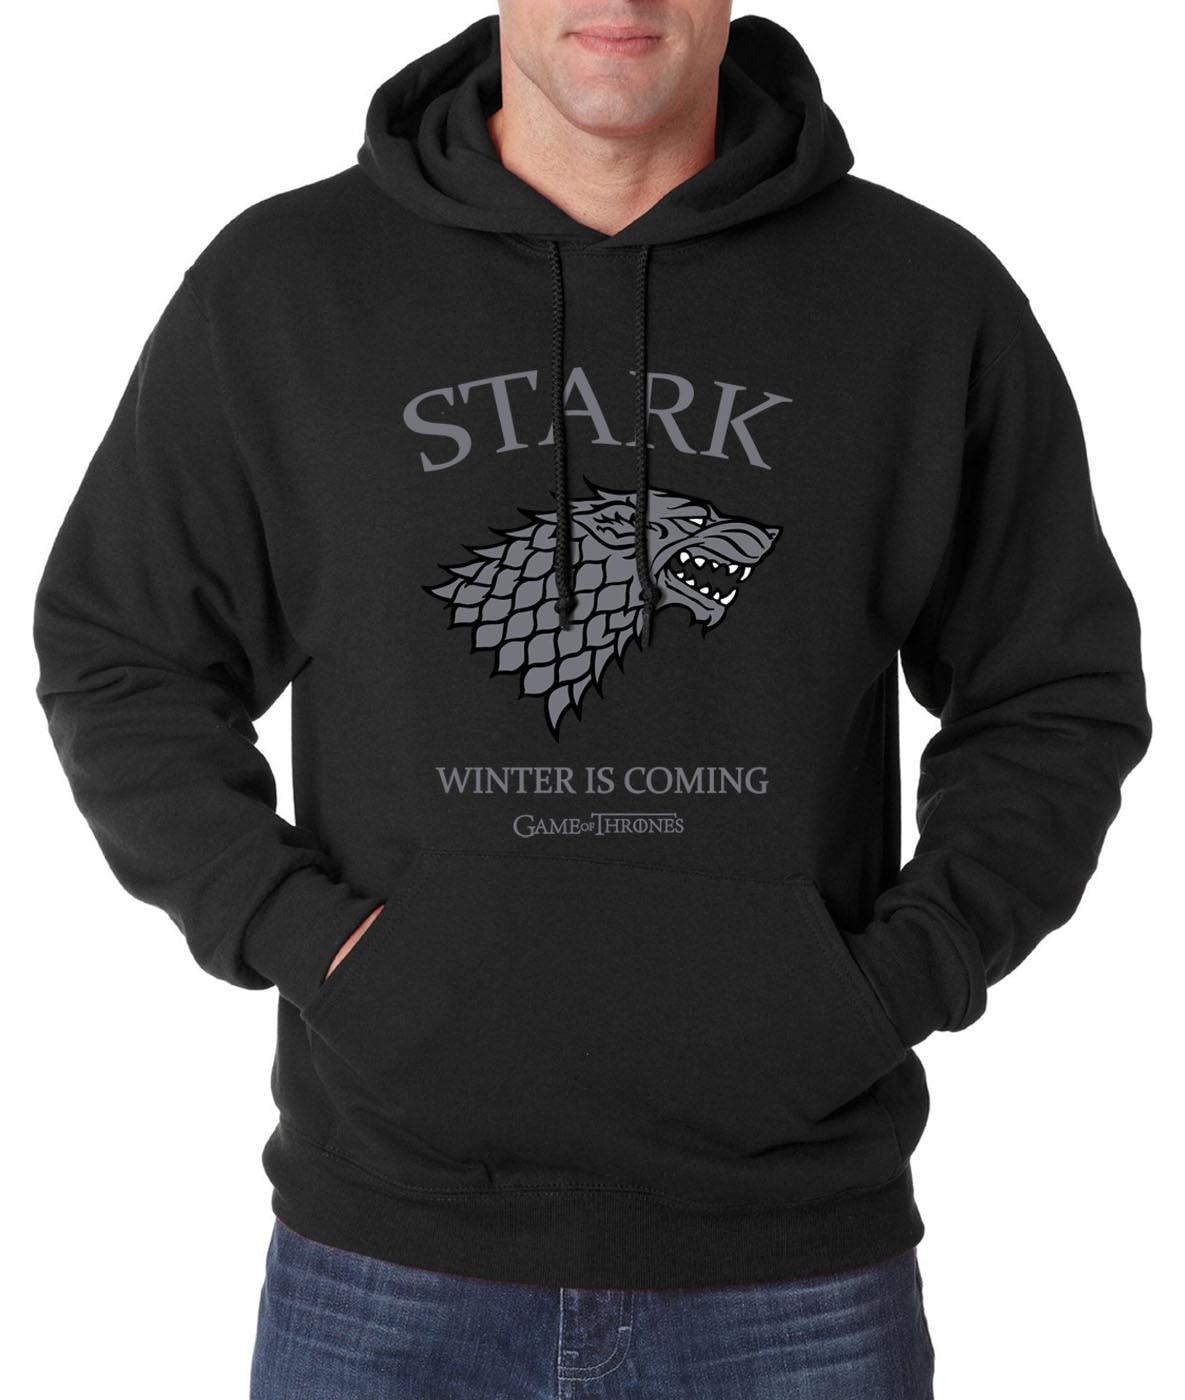 Game Of Thrones House Stark Winter Is Coming Printed Hoodies Men 2019 Spring Hoodie Sweatshirt Men Fleece Hip Hop Sportswear